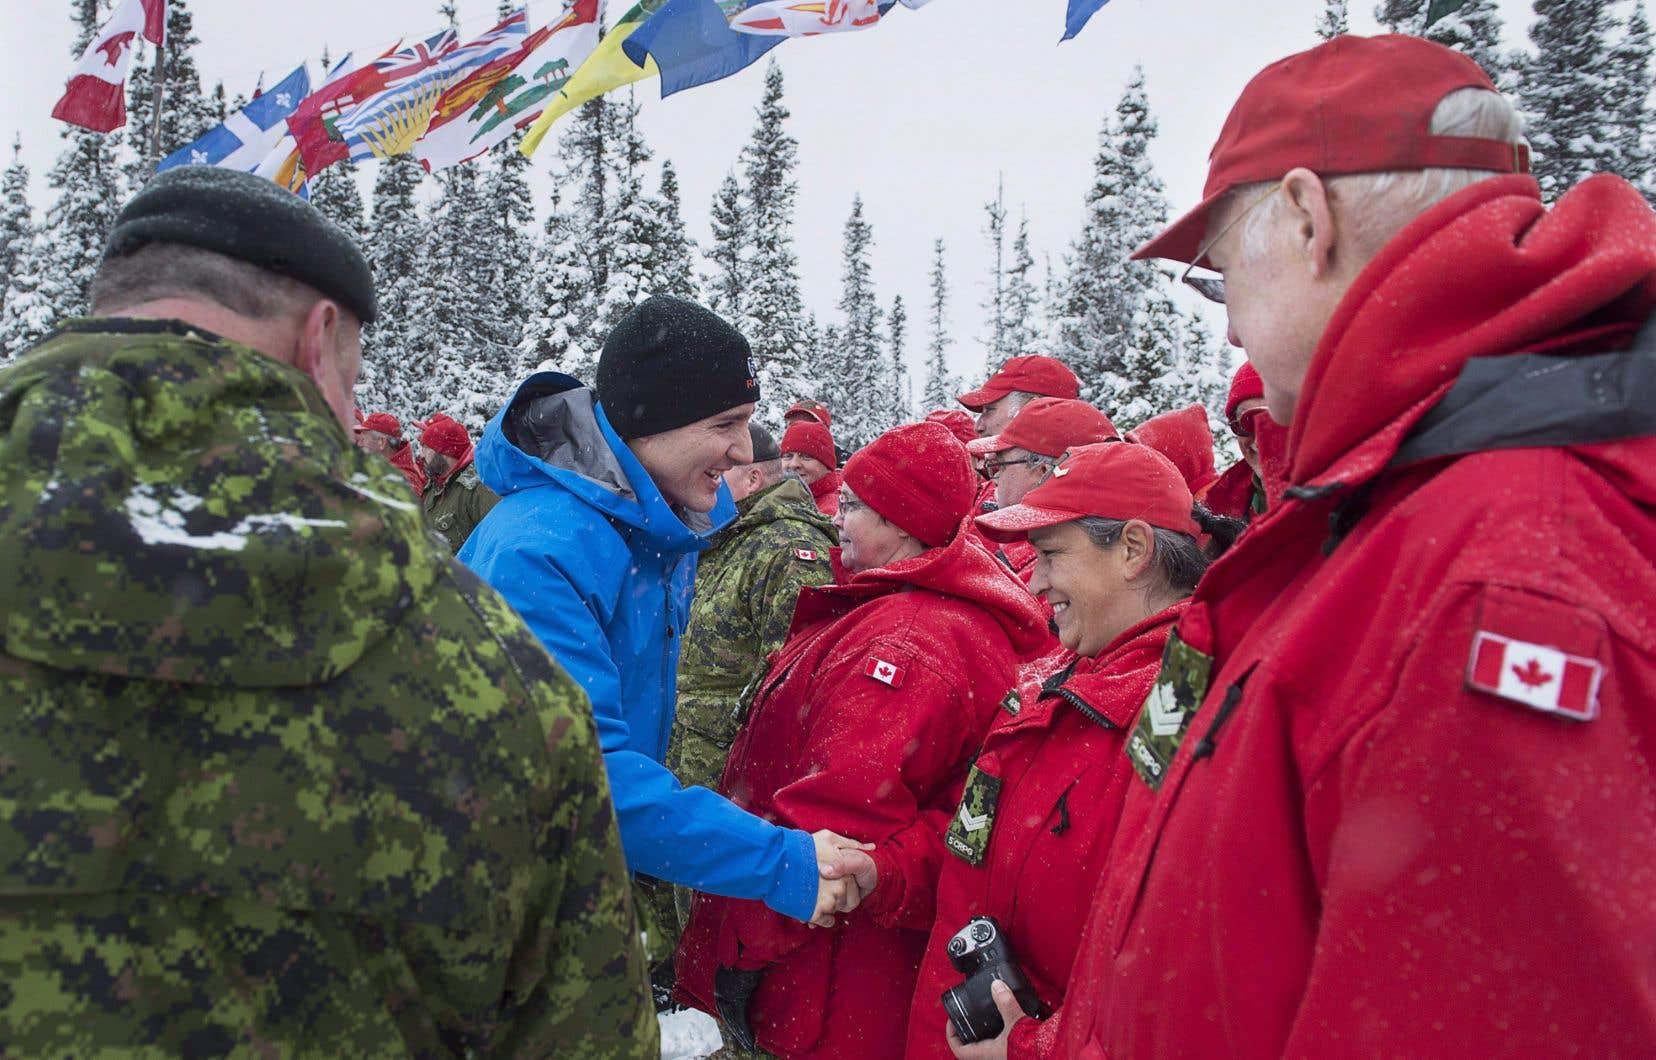 Le premier ministre Justin Trudeau a rencontré des membres des Rangers canadiens, une unité de réserve composée en majorité d'autochtones, qui constituent la principale présence militaire dans le nord du pays.